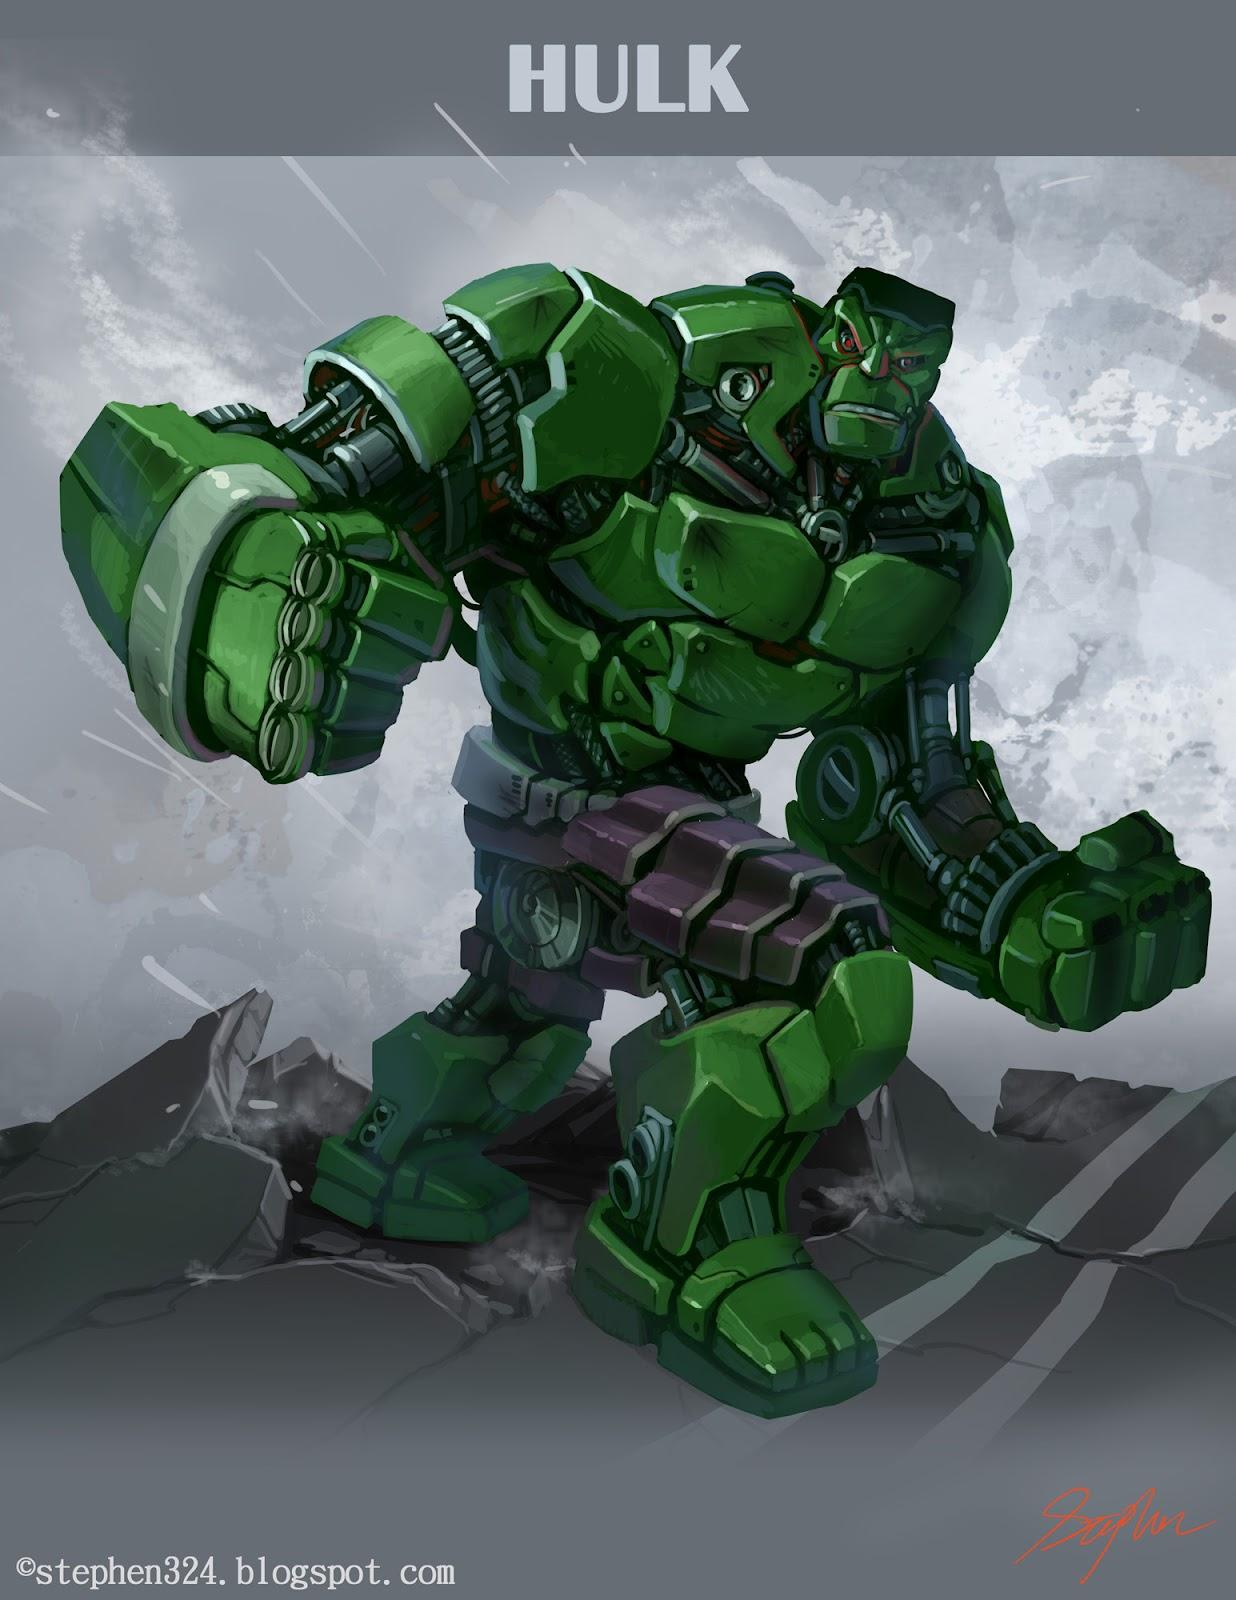 [Image: Hulk+2-L.jpg]